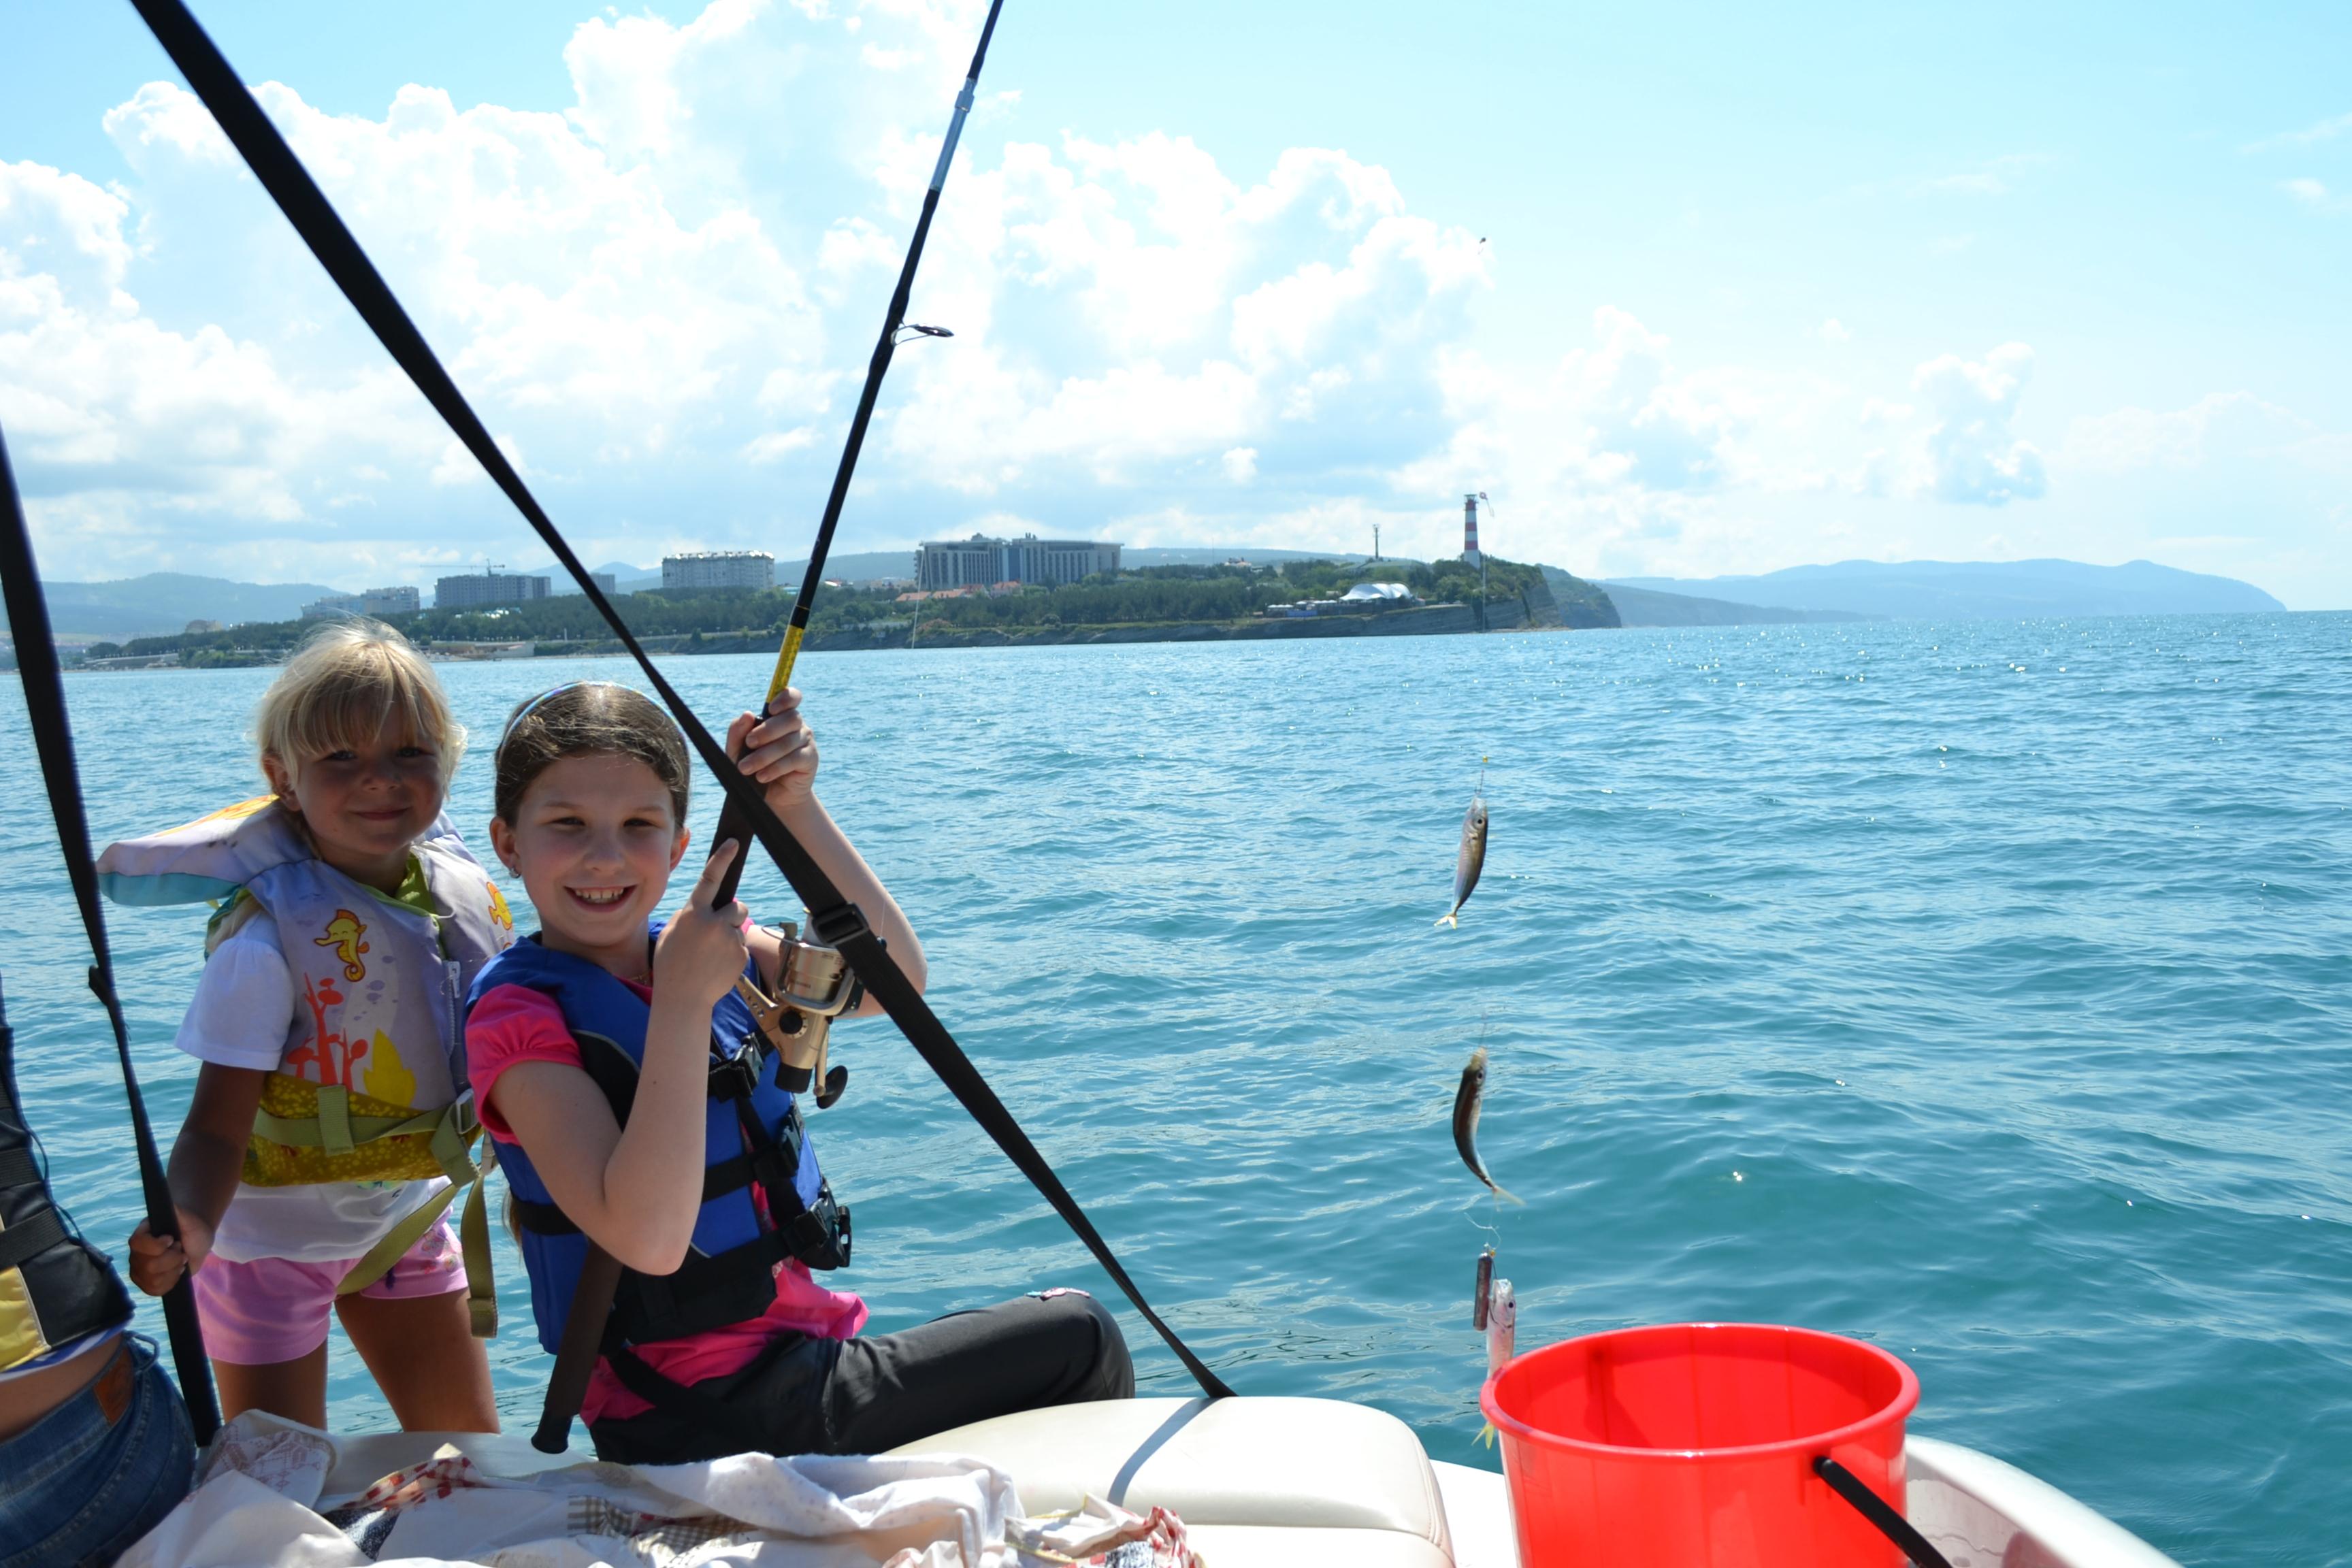 Юные рыбаки с удочками